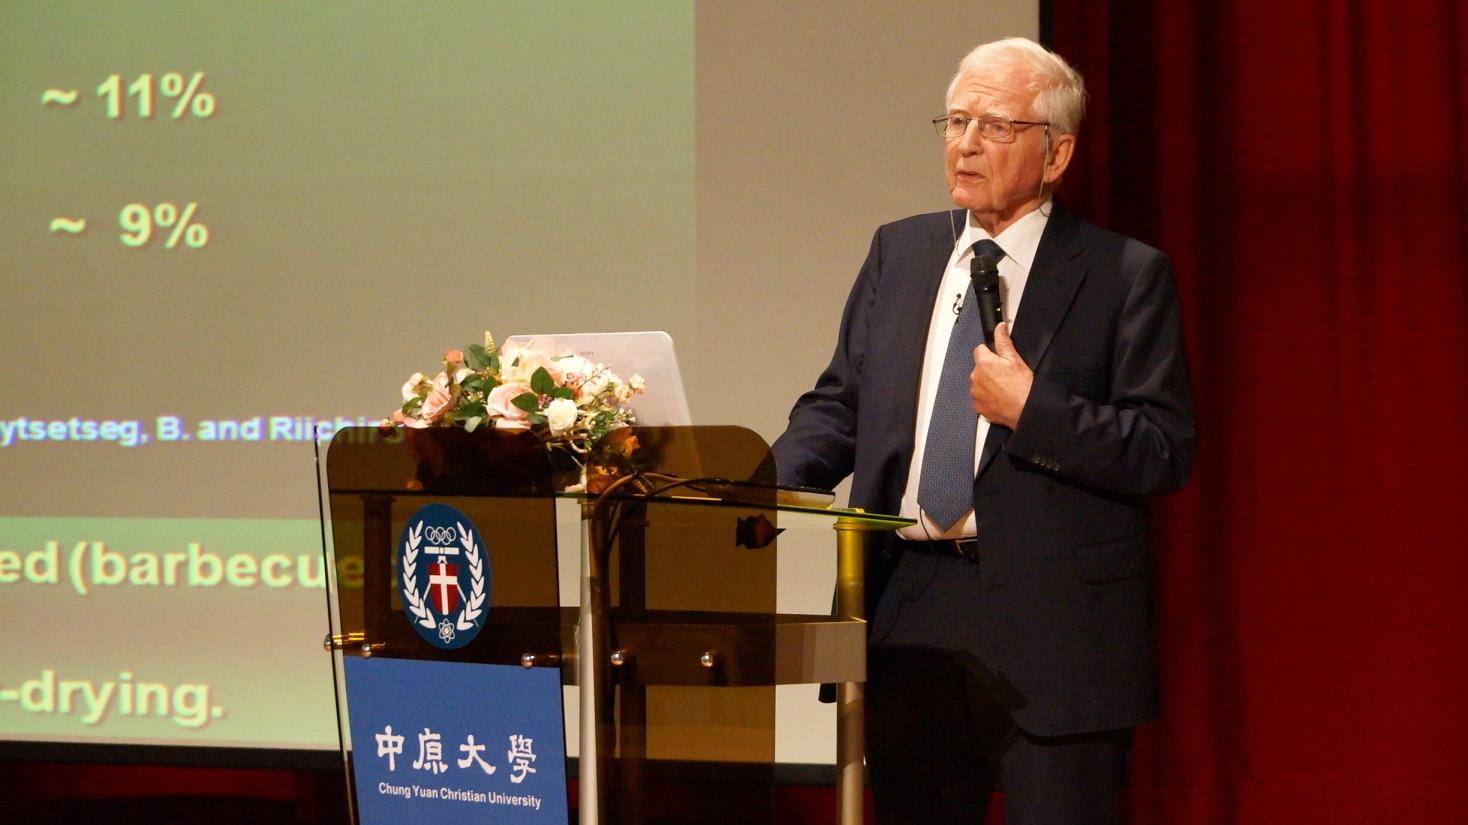 應用材料國際研討會圓滿成功 諾貝爾獎得主新成果受矚目